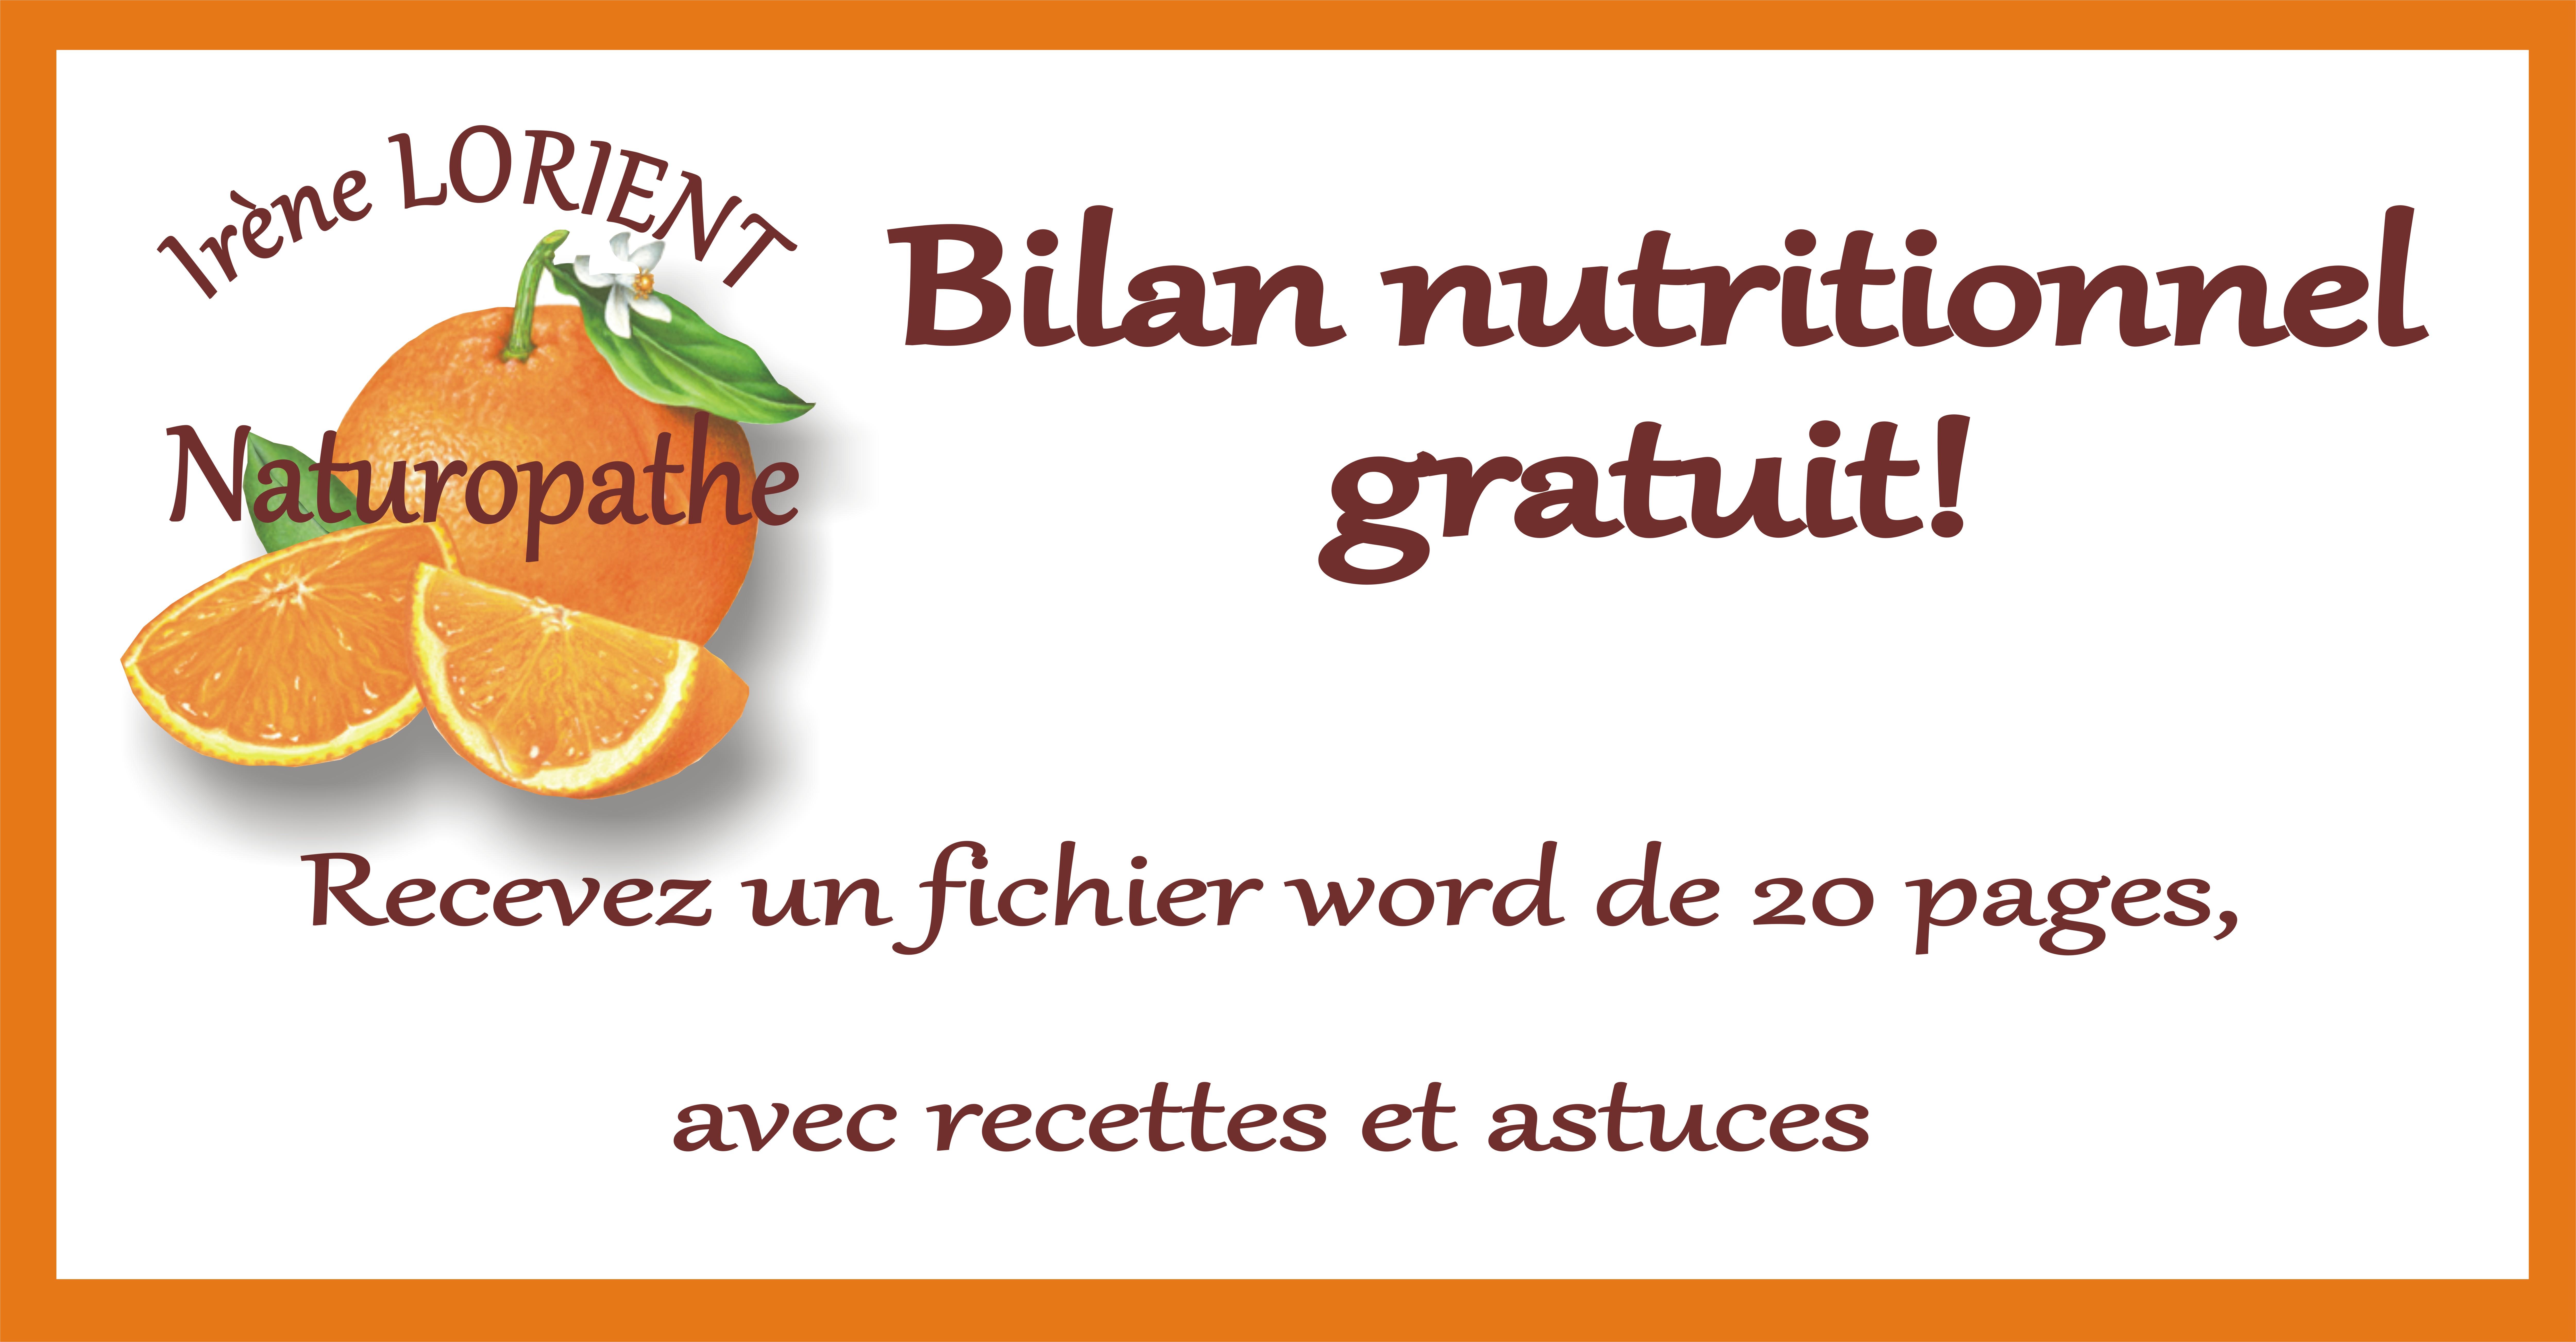 Demandez votre bilan nutritionnel gratuit!